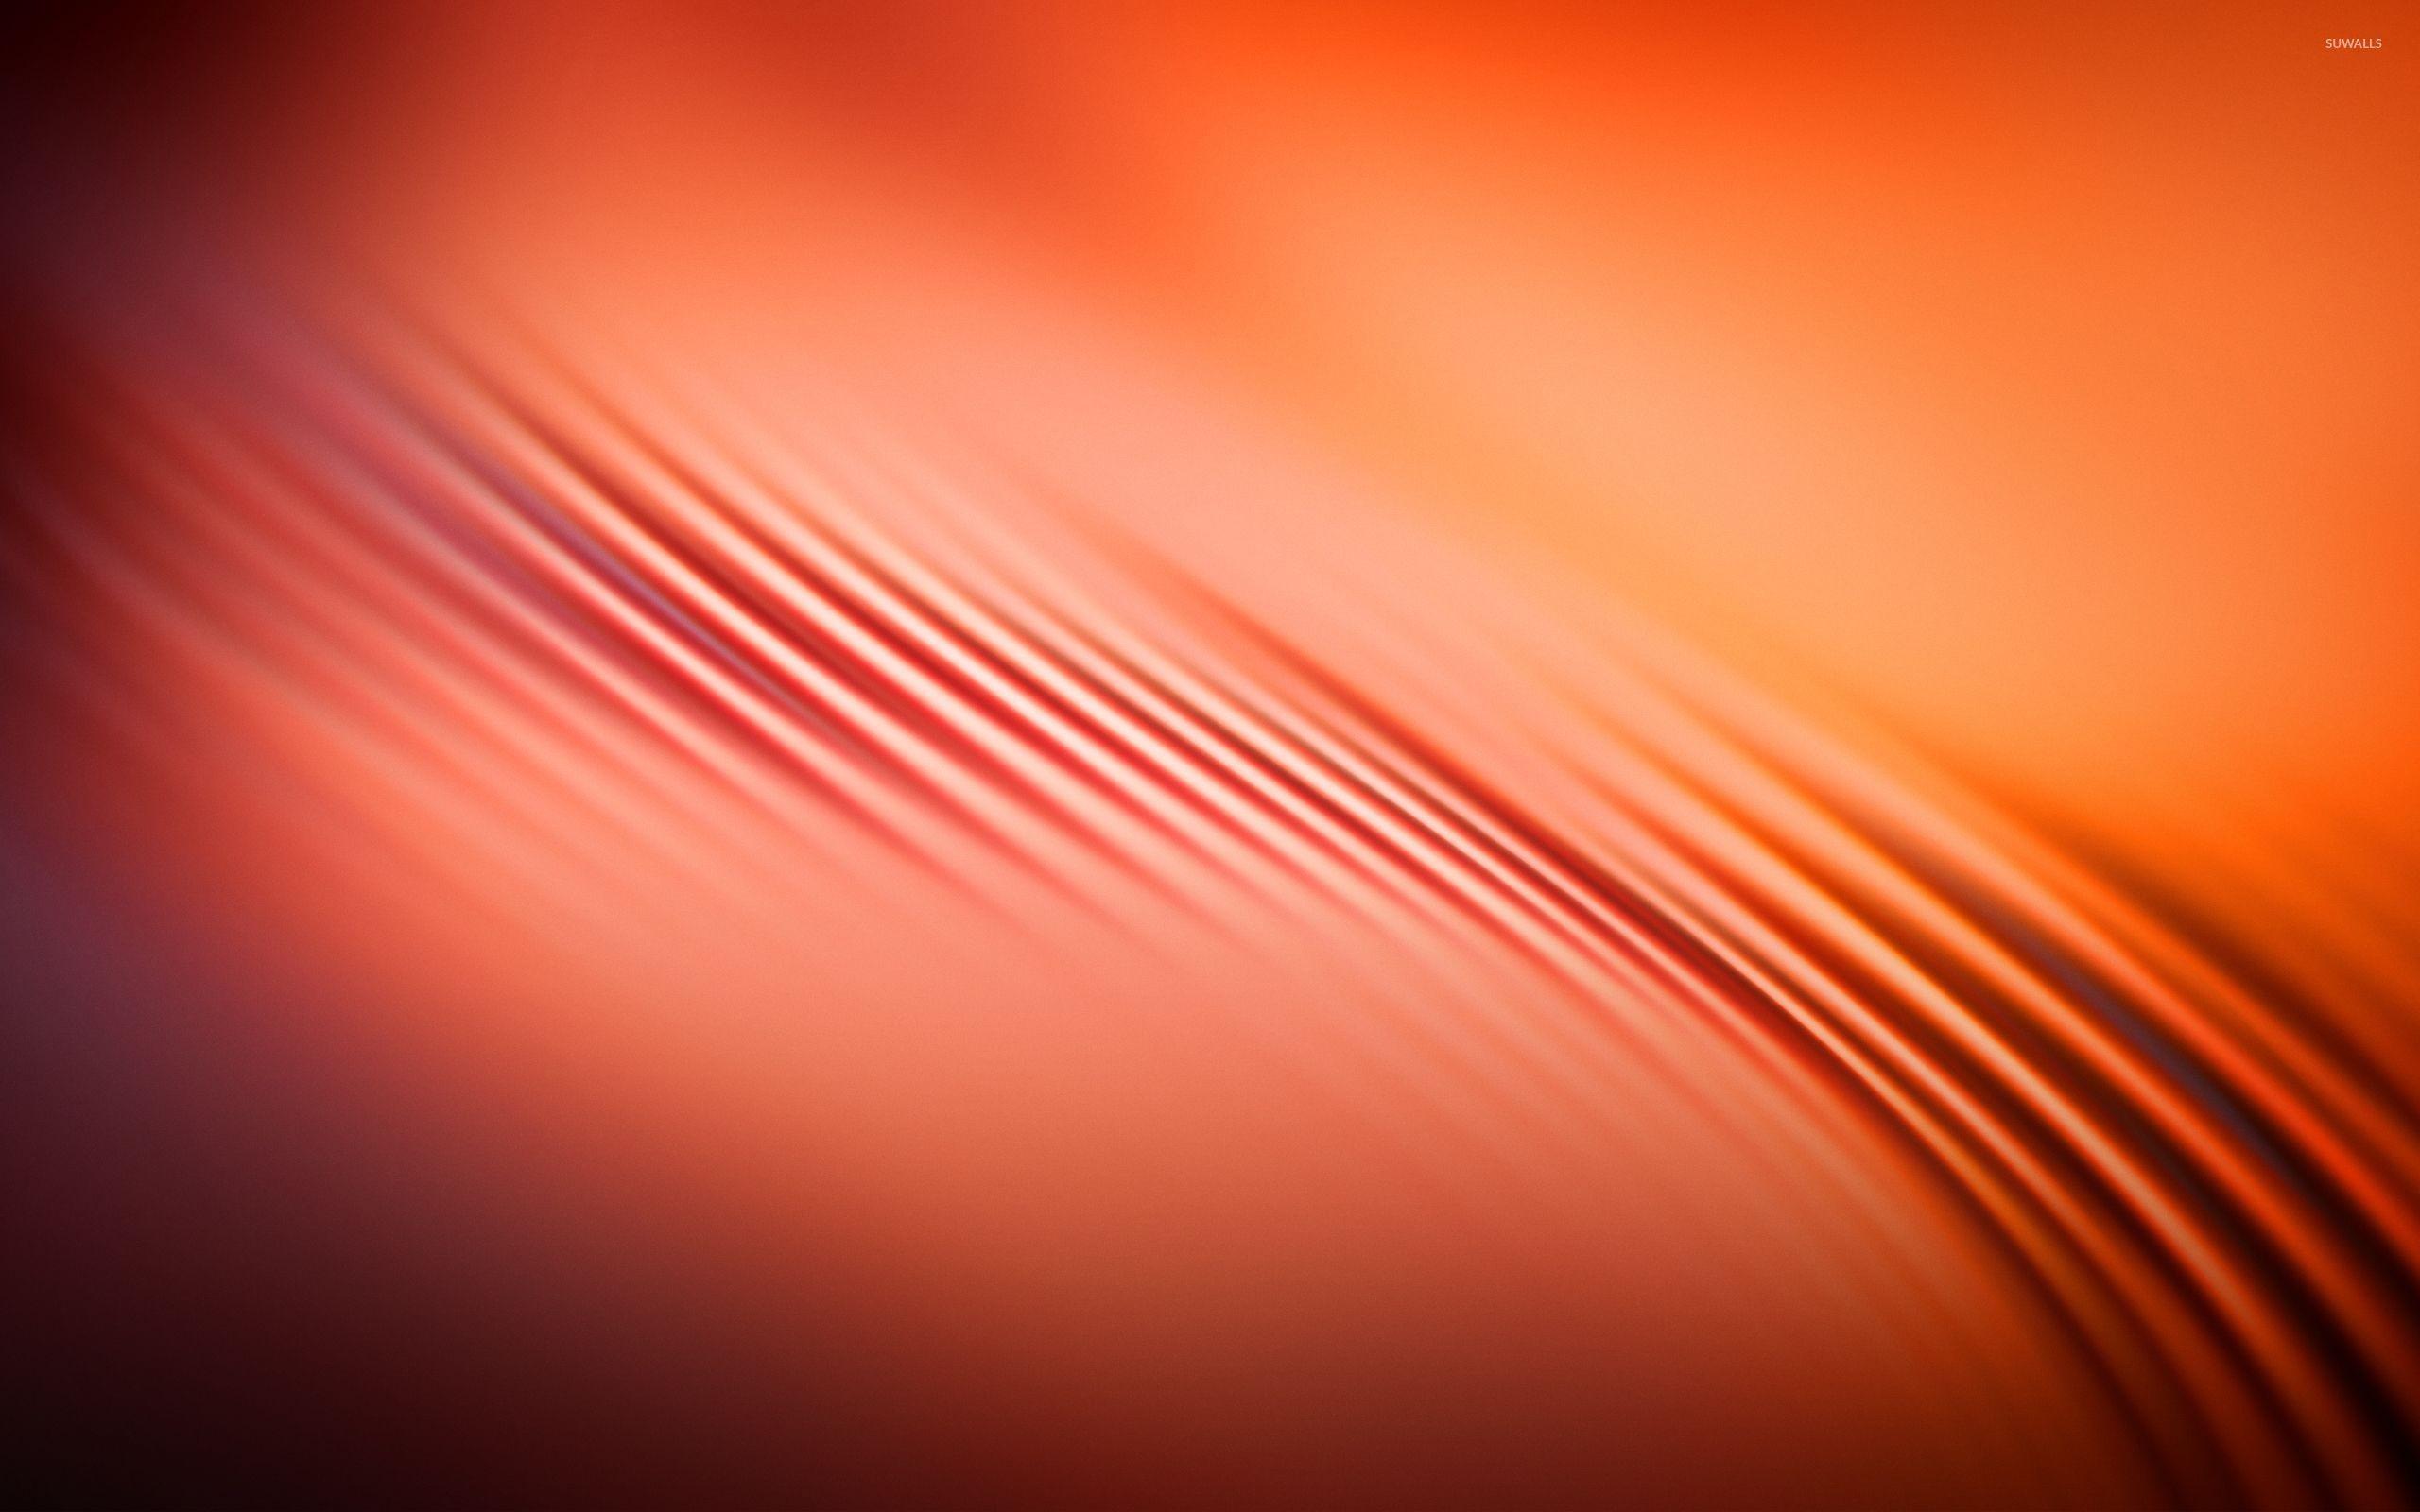 Orange waves [2] wallpaper